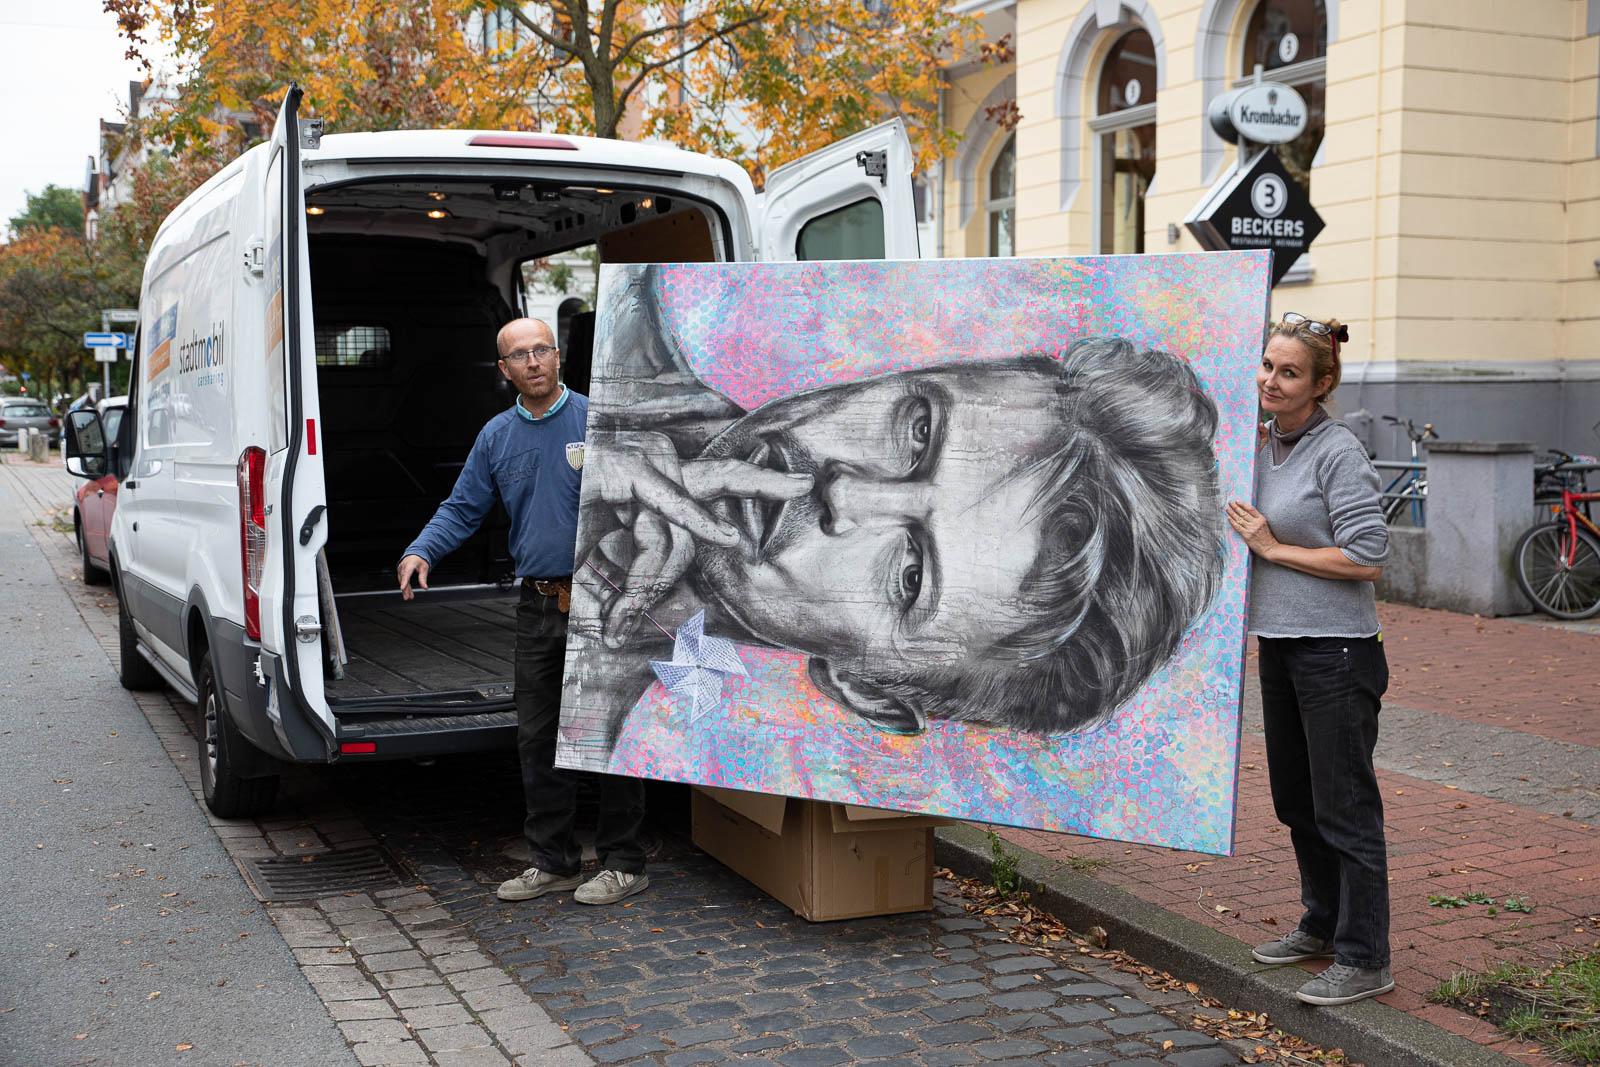 Inga Mihailovic: Meine großen Bilder auf dem Weg zu SpektaColor#1